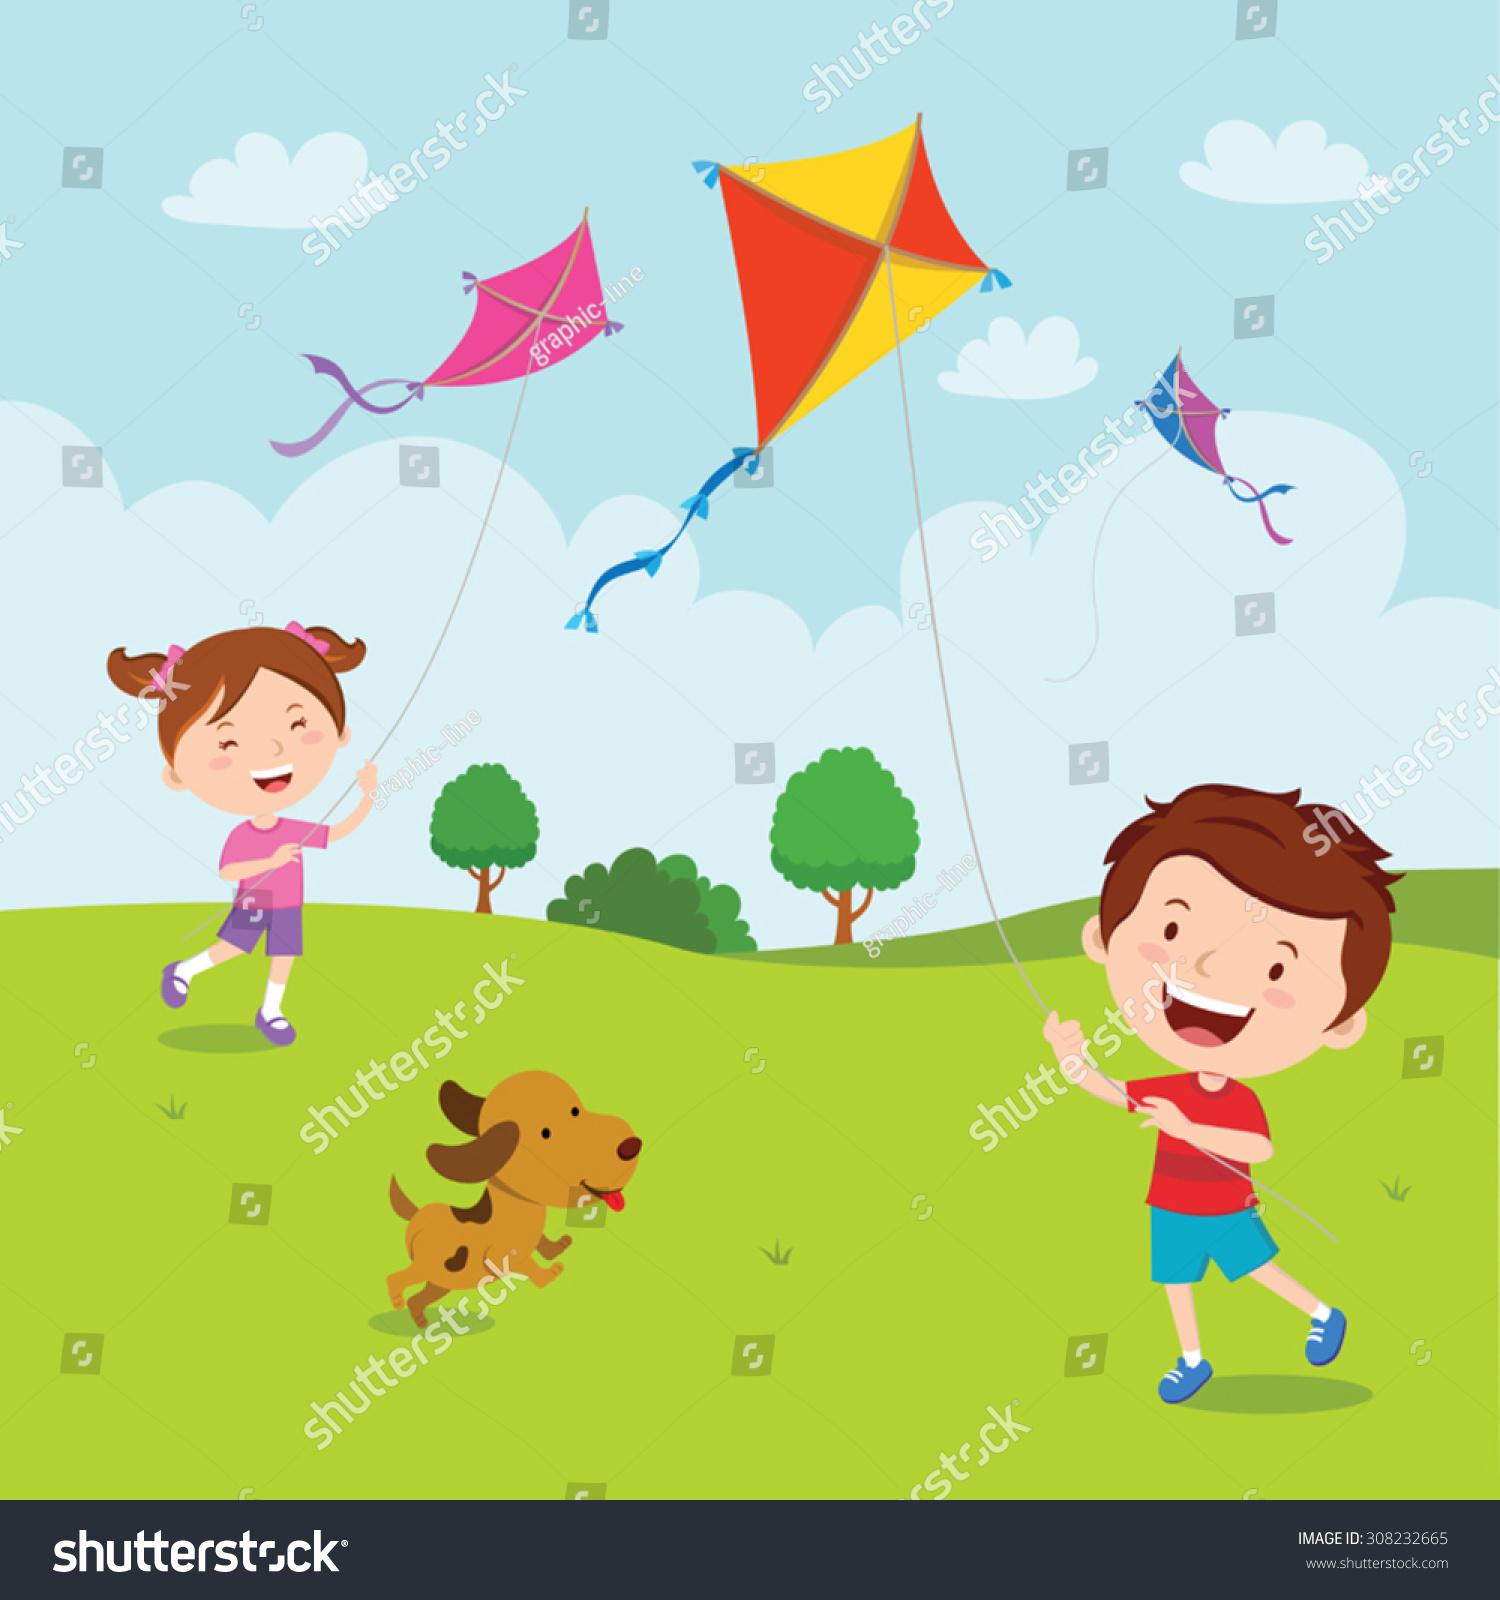 flying kite illustration - photo #45